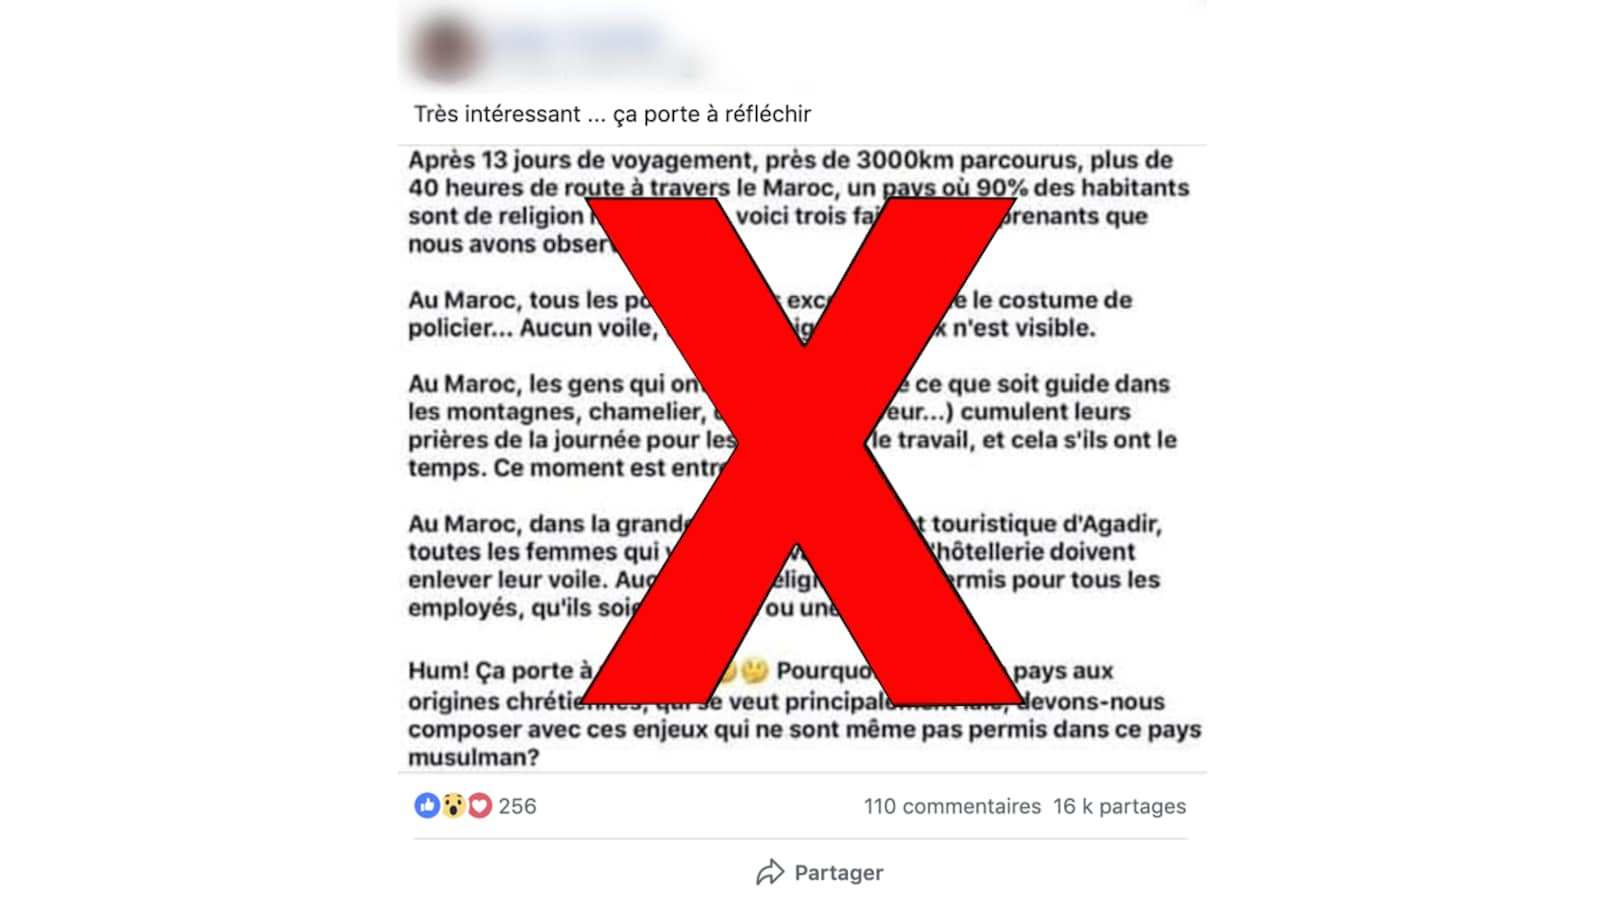 Une publication virale sur les réseaux sociaux prétend que le port du voile n'est pas permis en milieu de travail au Maroc.